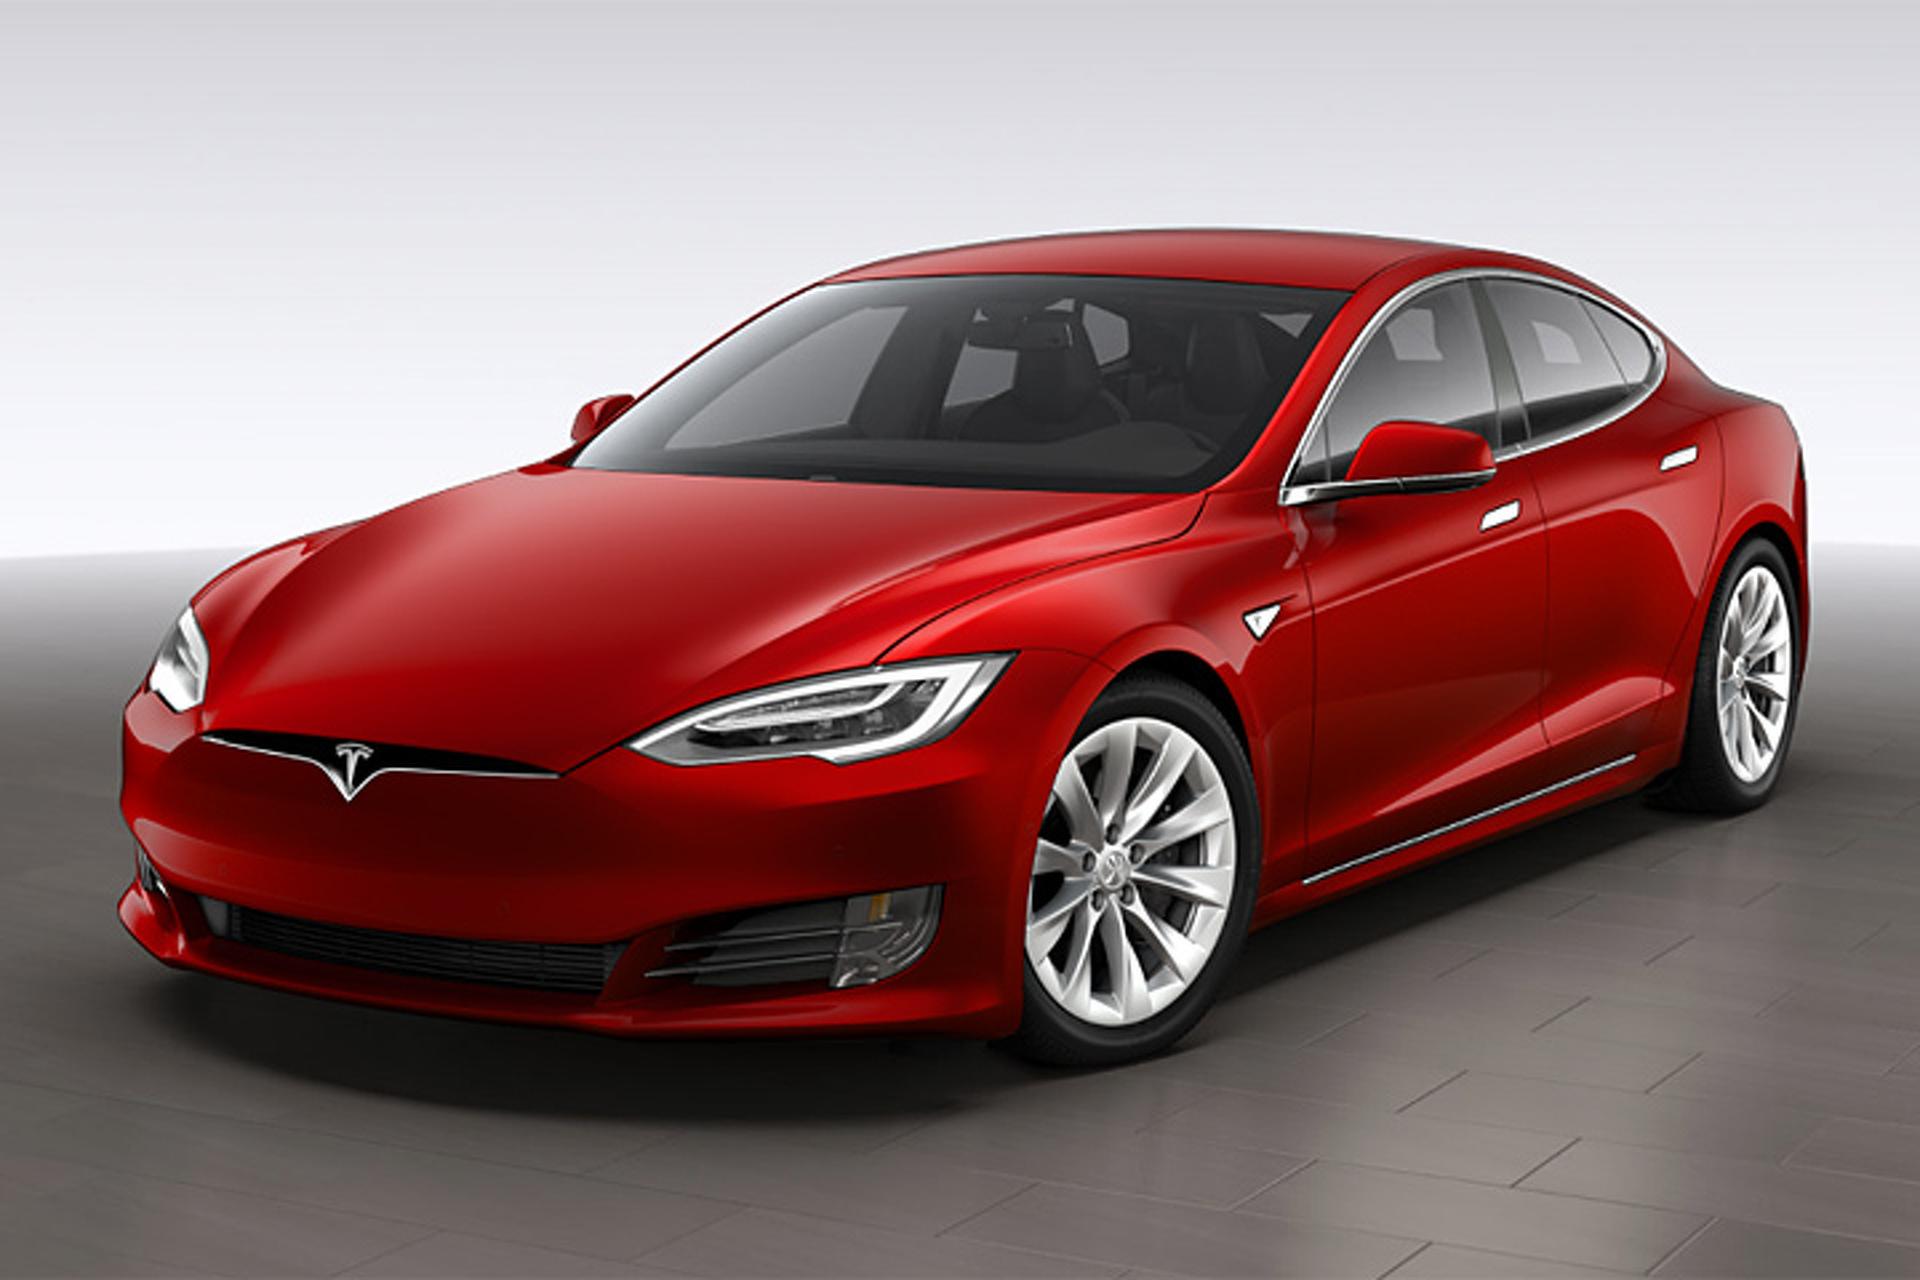 Tesla Model S Gets a Facelift, Model X Adds More Range